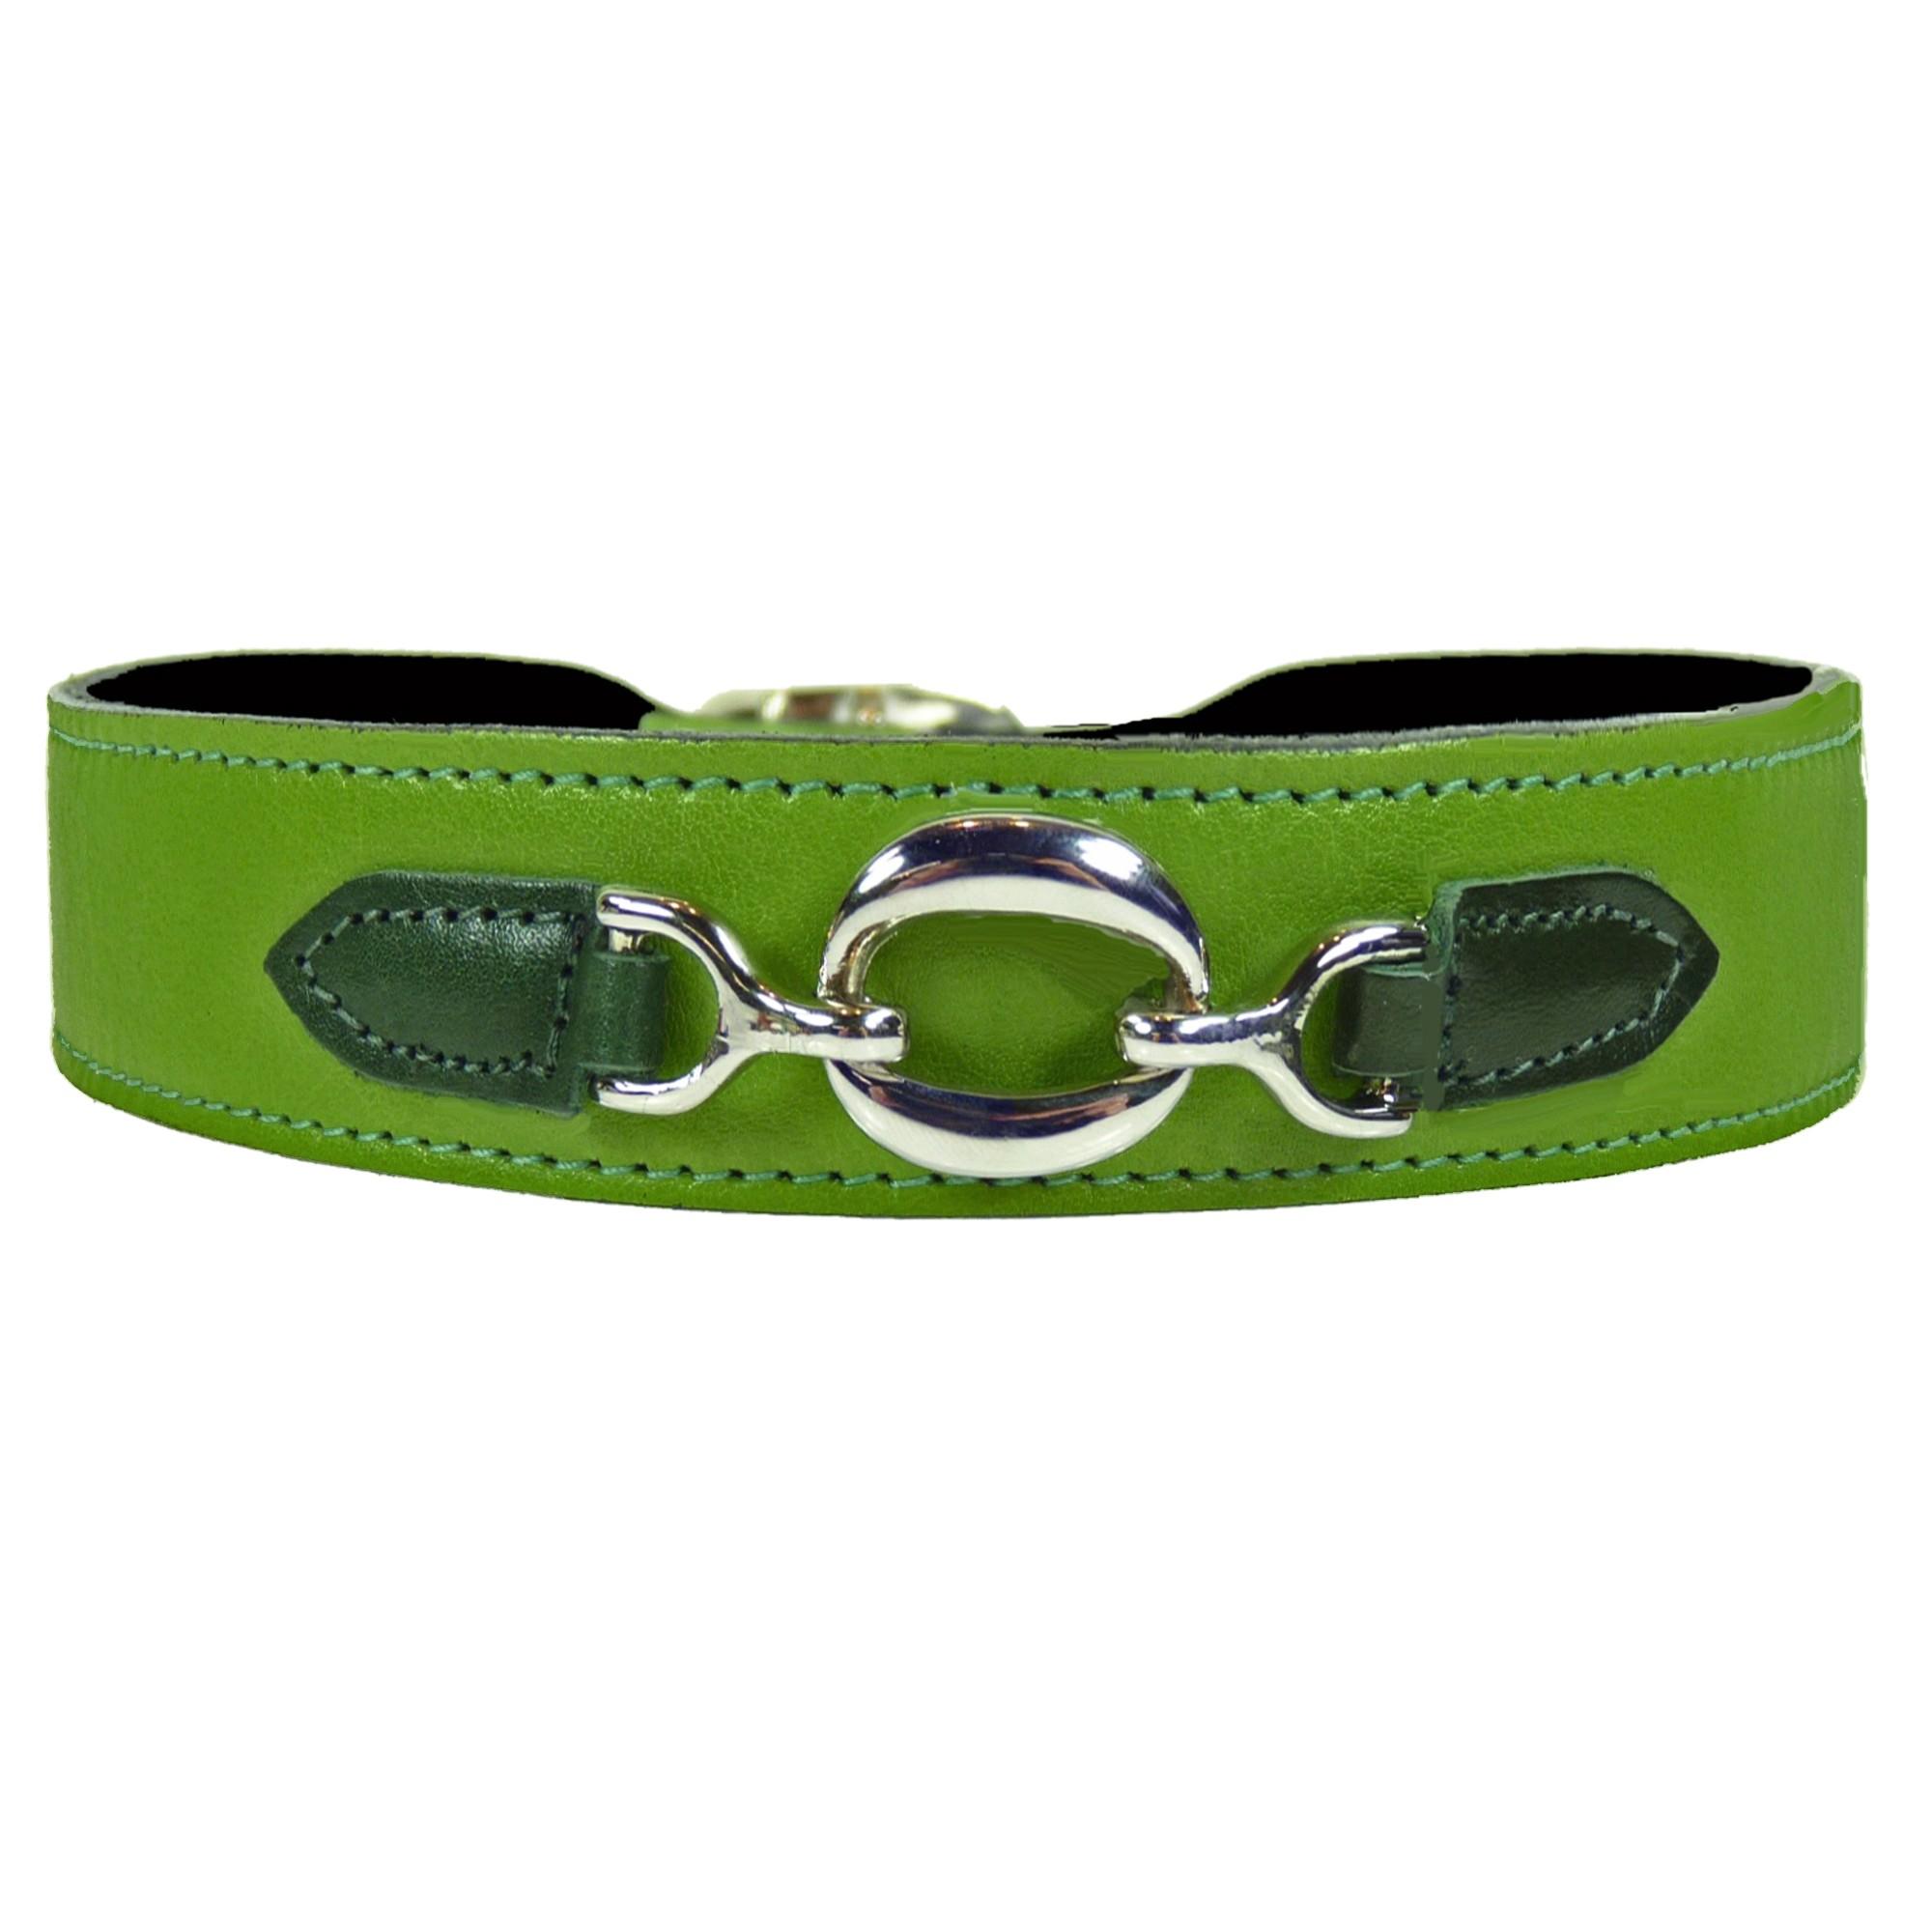 Lime Green Dog Collar